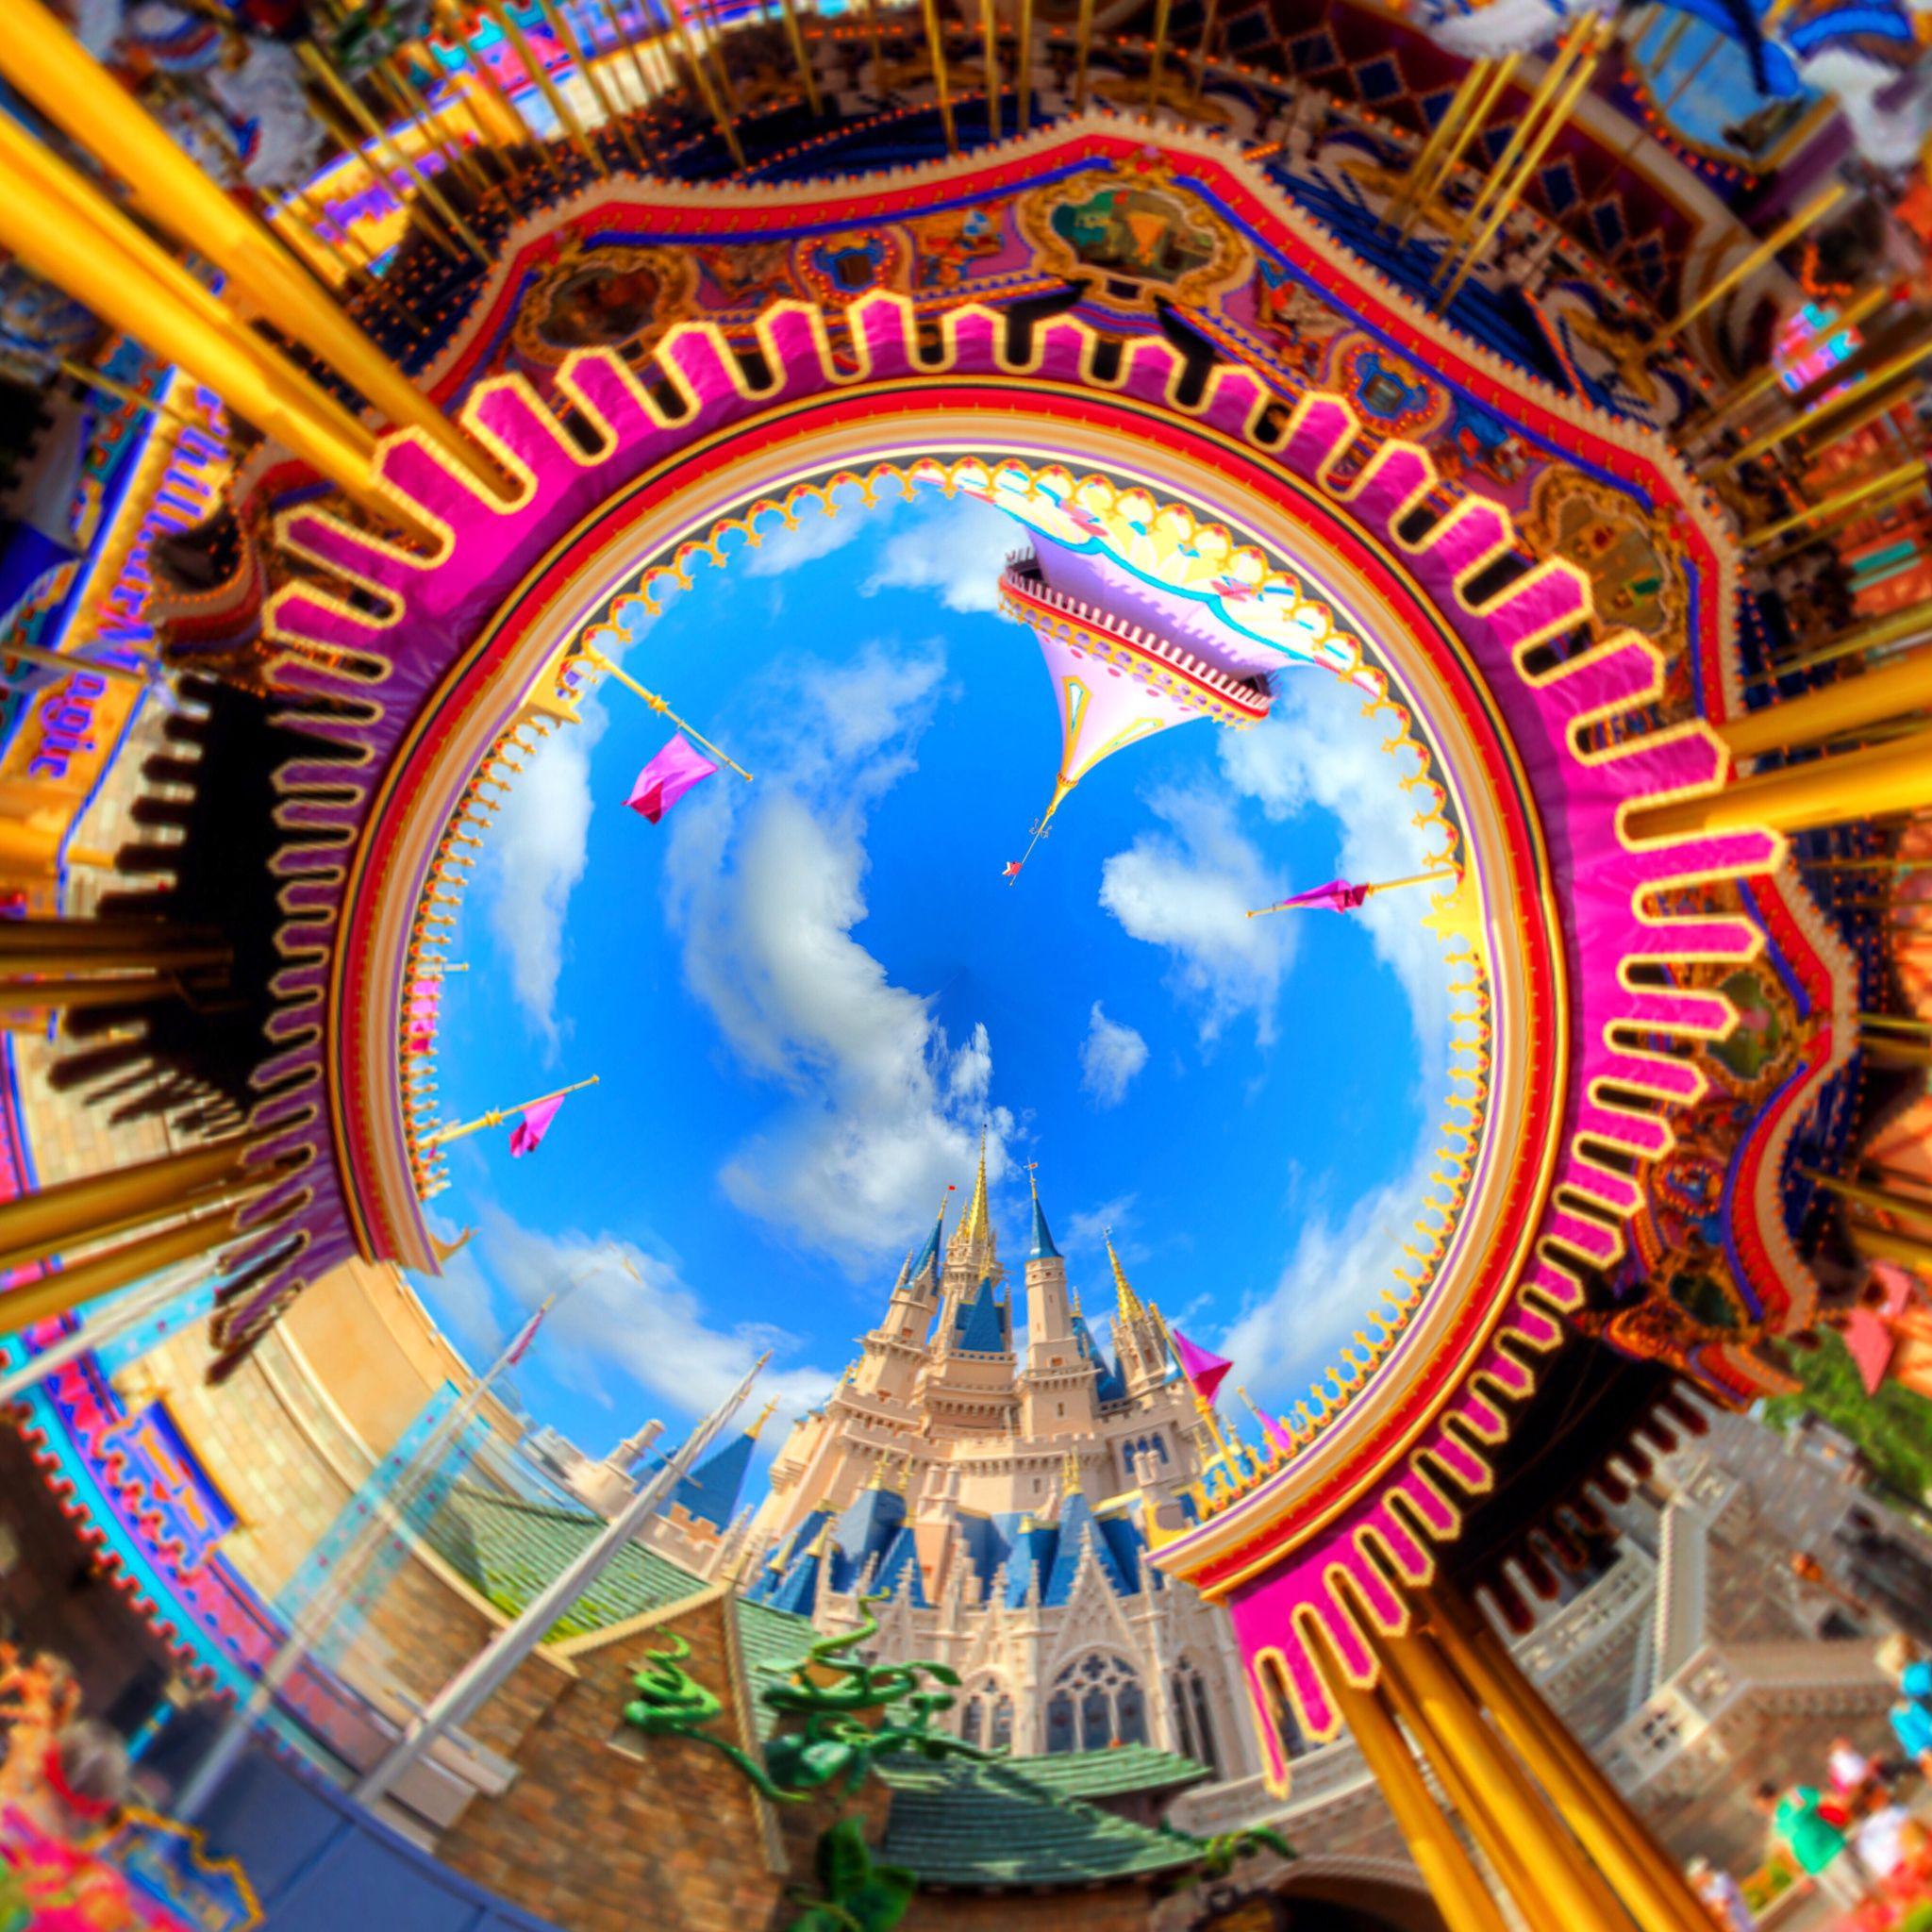 Prince Charming Royal Carousel in Fantasyland -